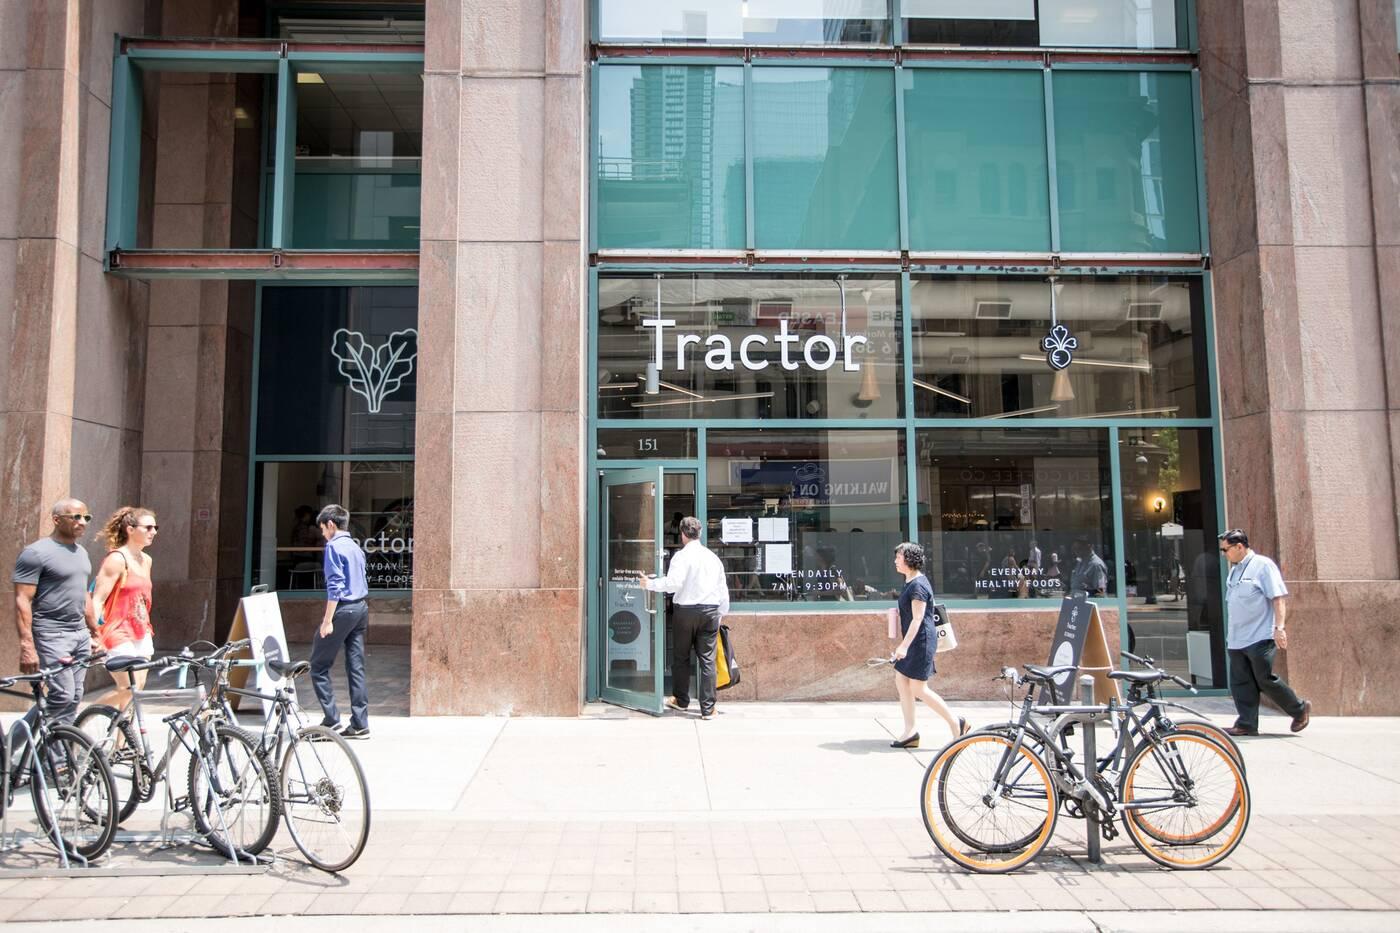 Tractor Foods Toronto